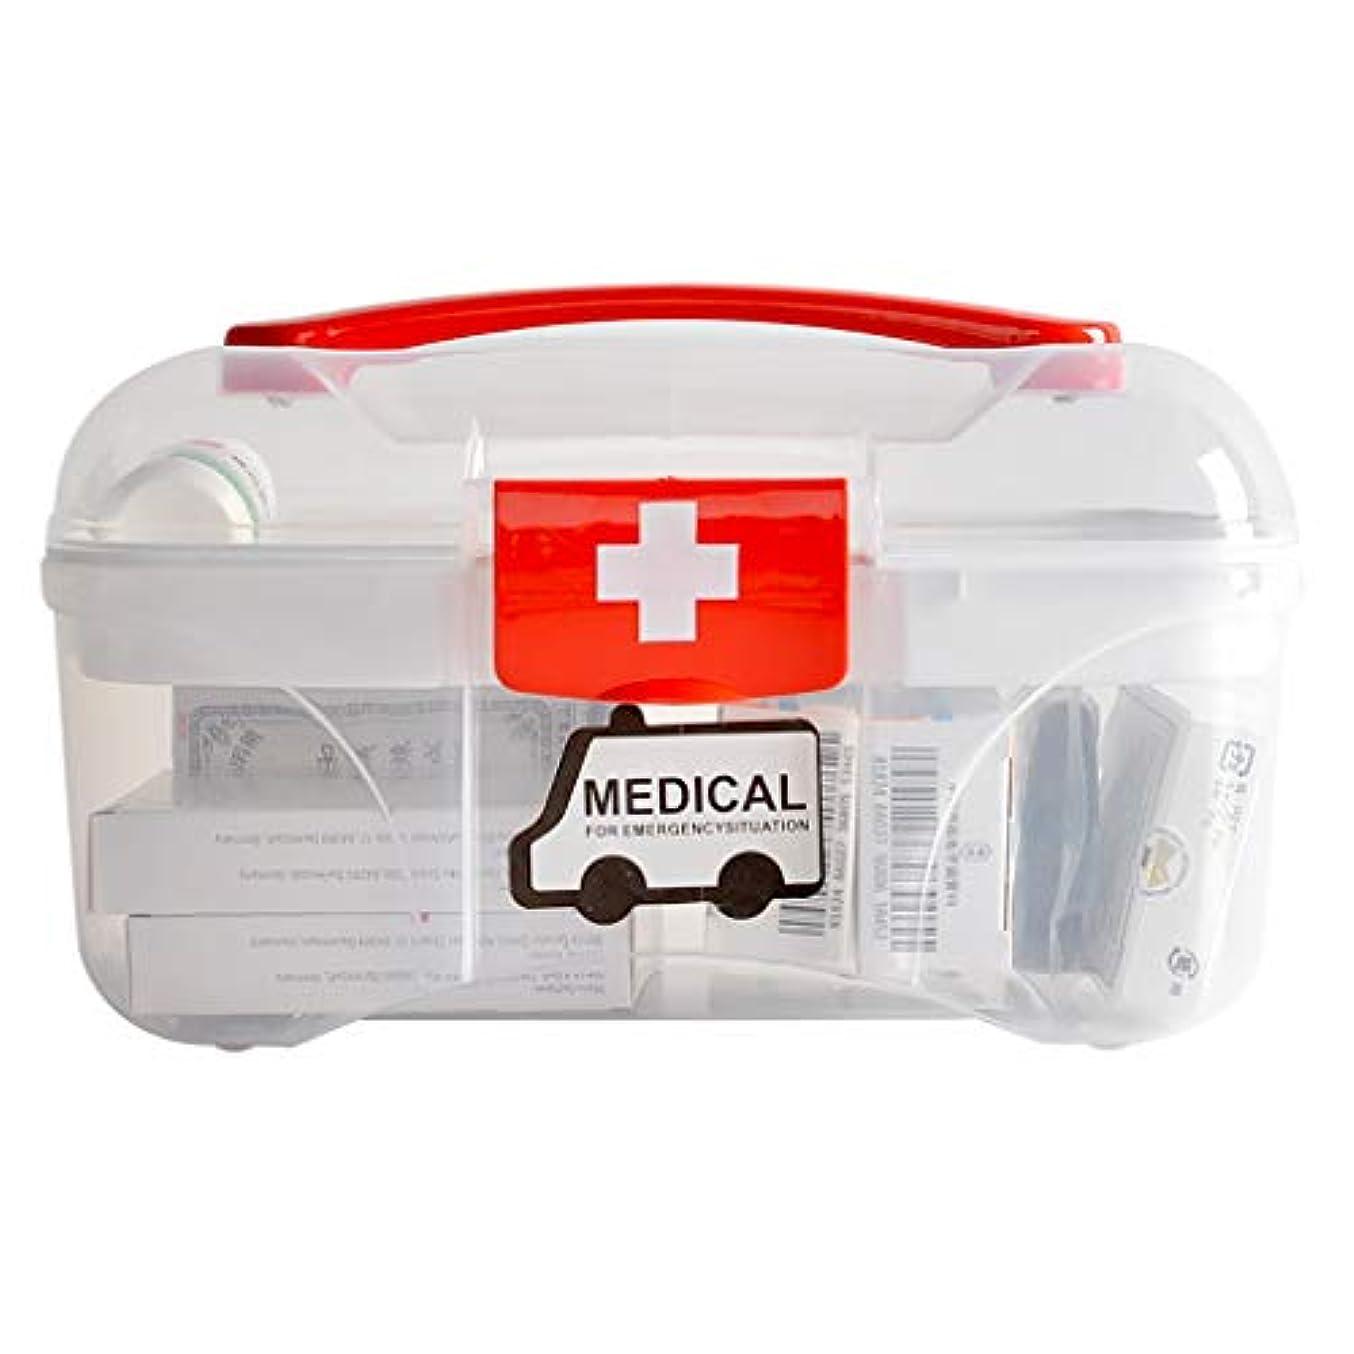 国旗債務者創造家族医学オーガナイザー多層応急処置キット医学収納ボックス、赤ちゃんの医学ボックス、家庭用子供ミニポータブル携帯、家族のために適した、車、旅行